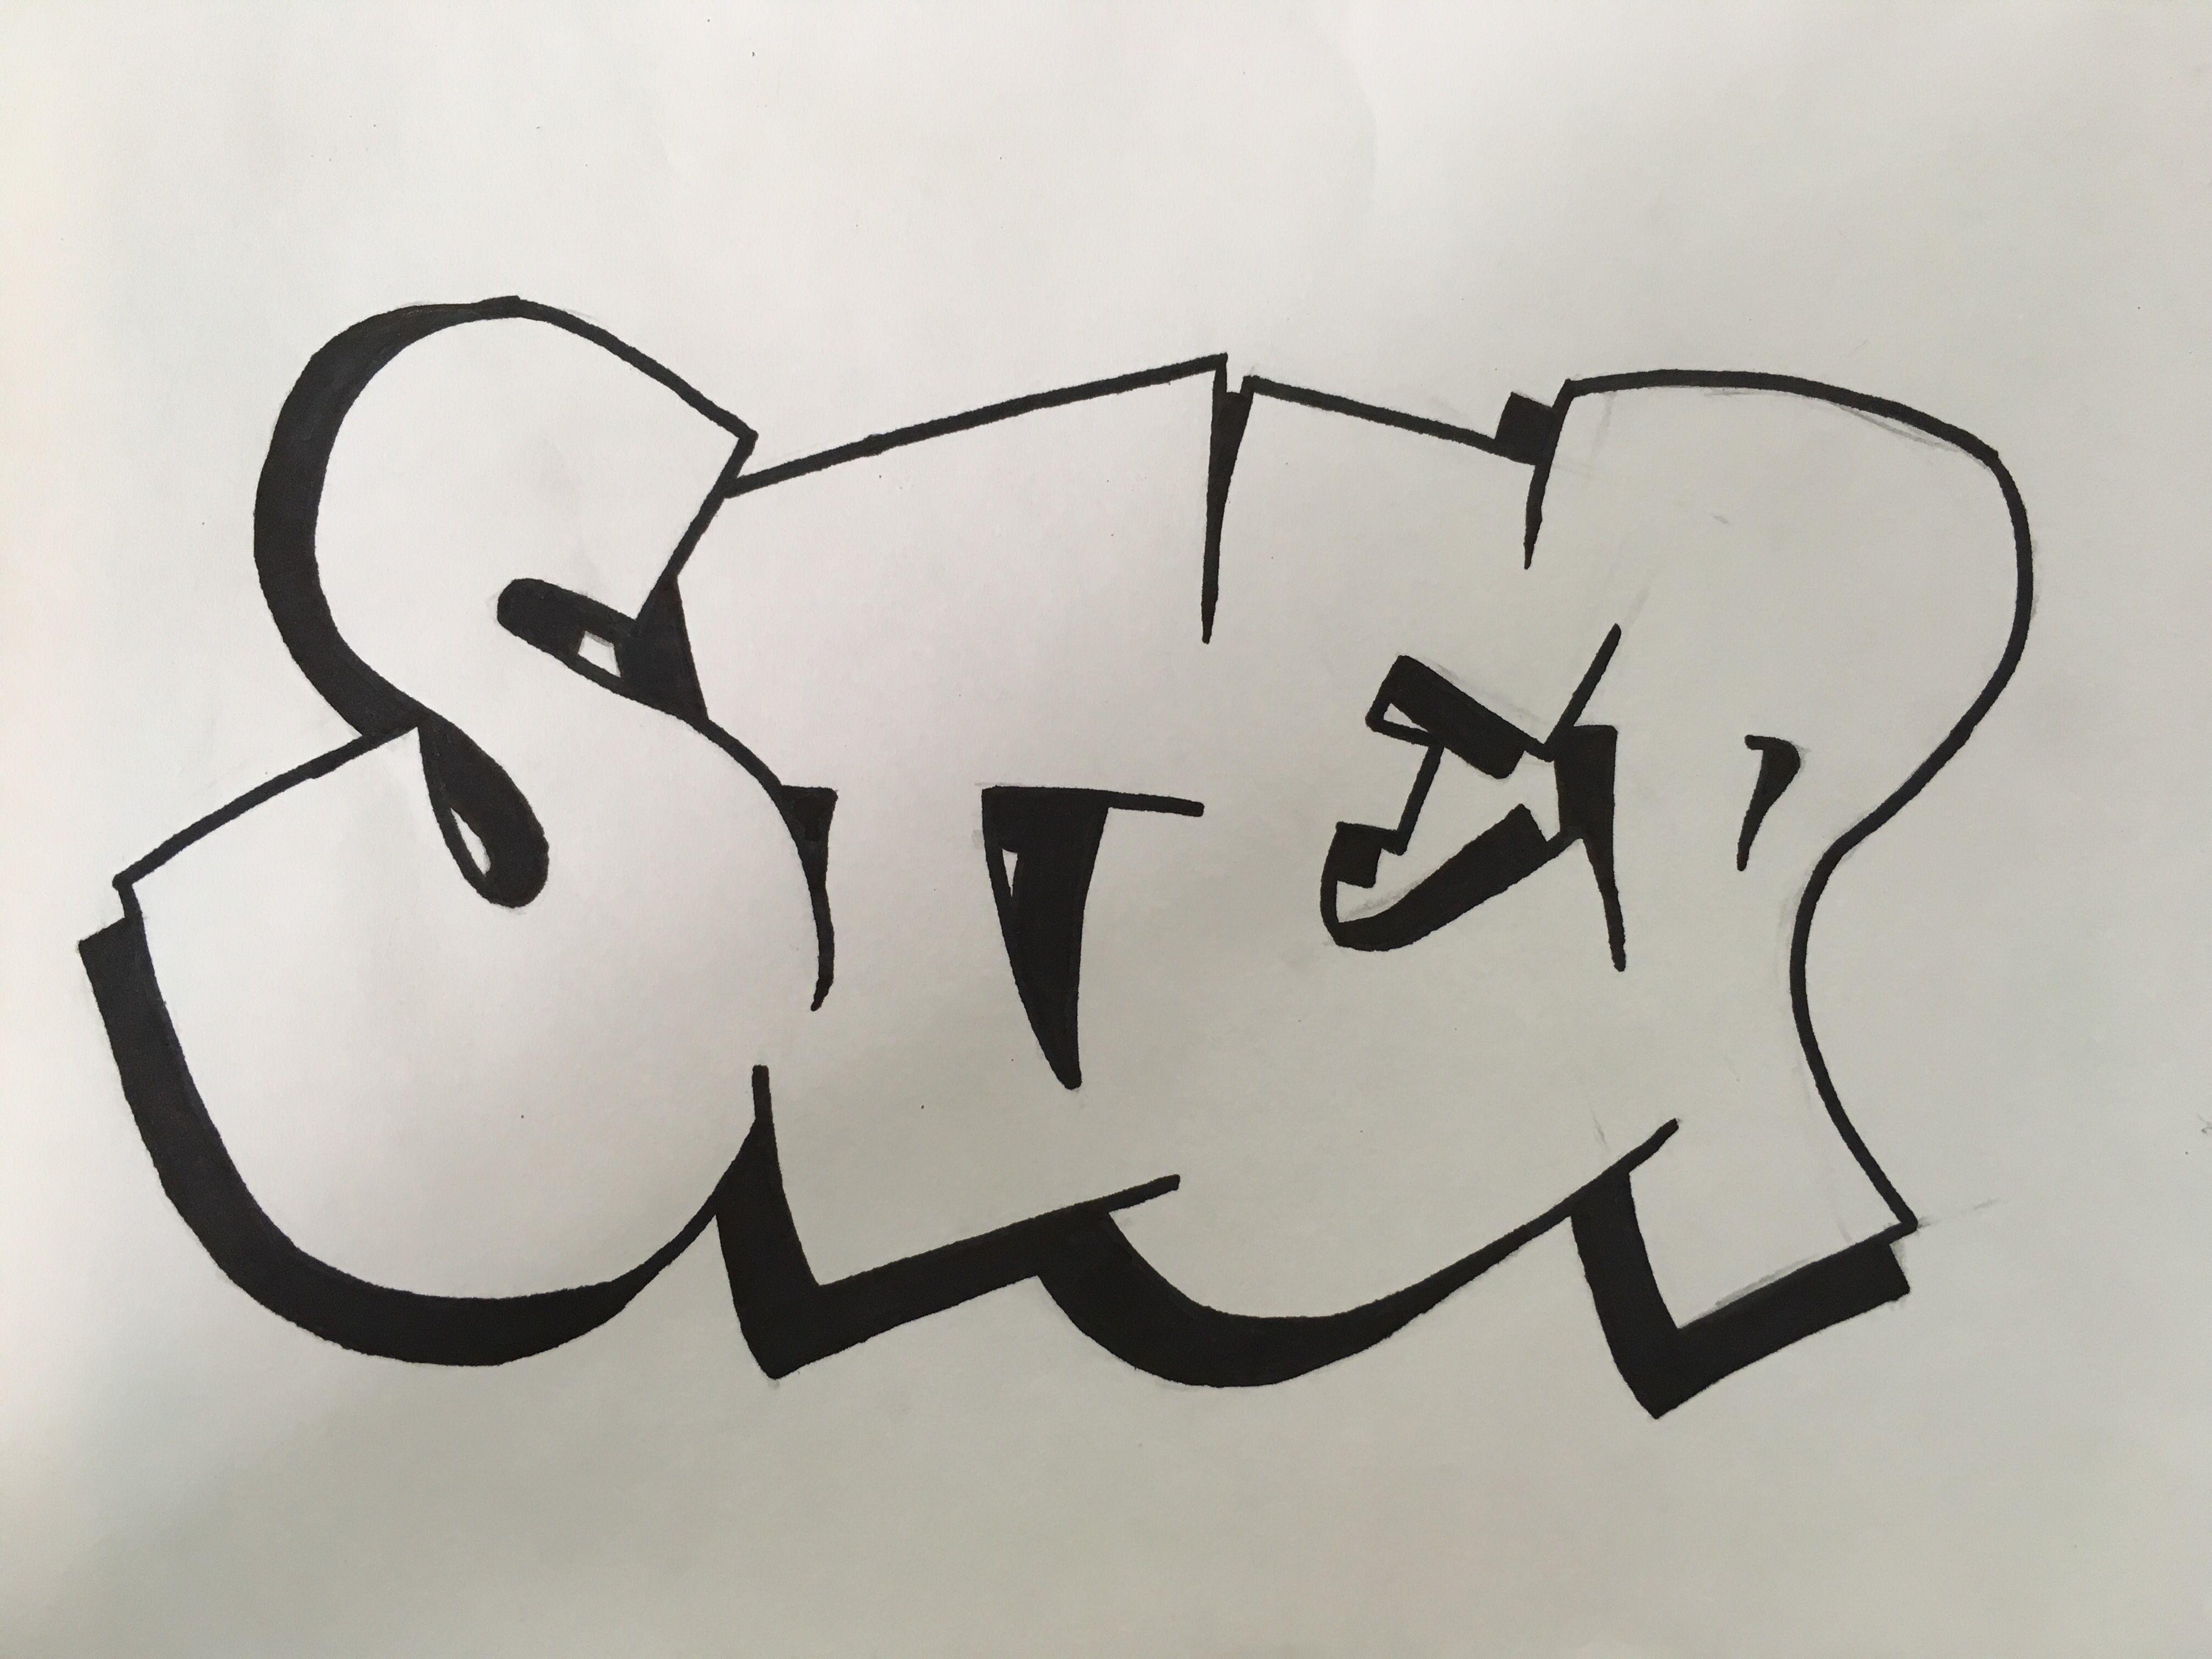 картинки граффити легкие граффити напоследок